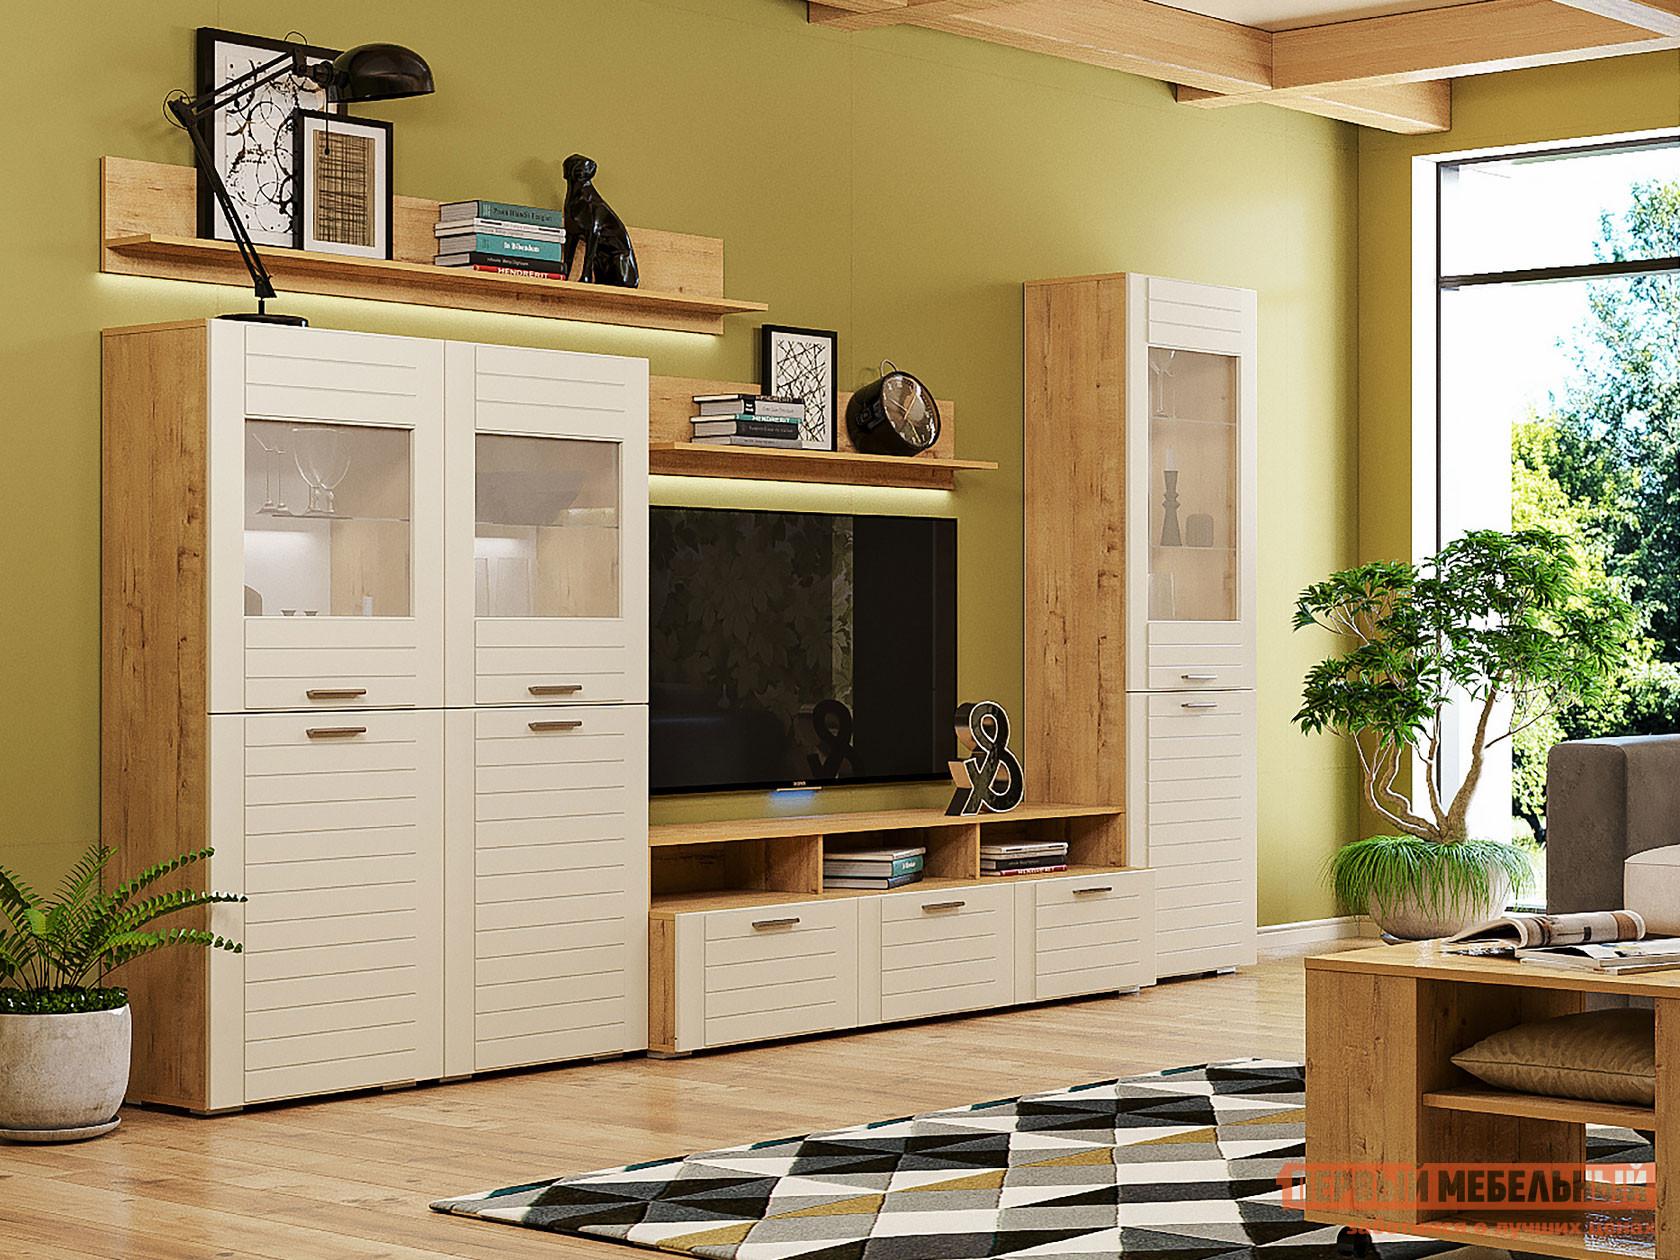 Гостиная Первый Мебельный Гостиная Ливорно 3 гостиная первый мебельный гостиная virginia комплектация 3